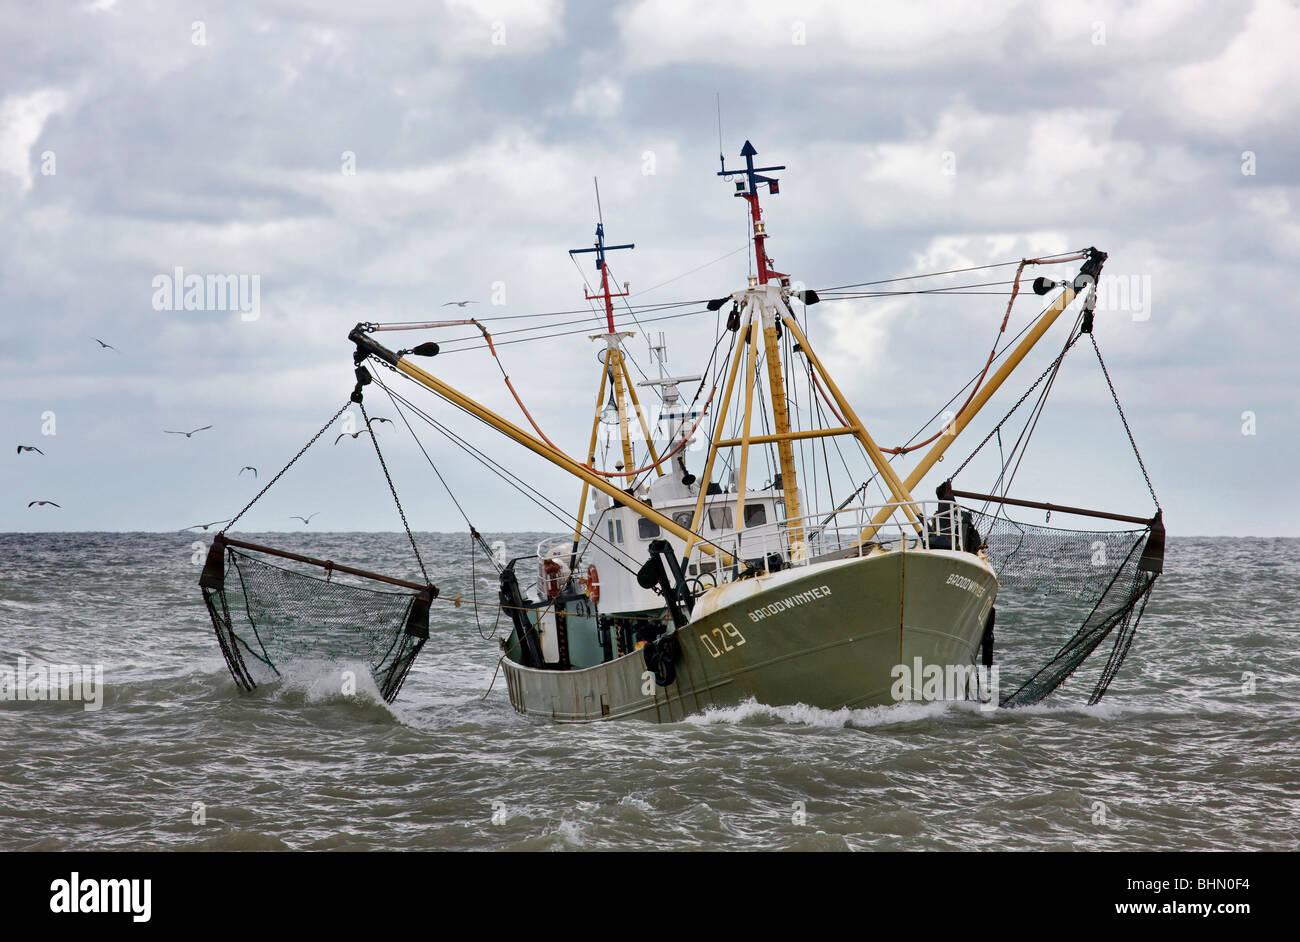 Bateau de pêche chalutier / sur la mer du Nord en faisant glisser les filets de pêche, Ostende, Belgique Photo Stock